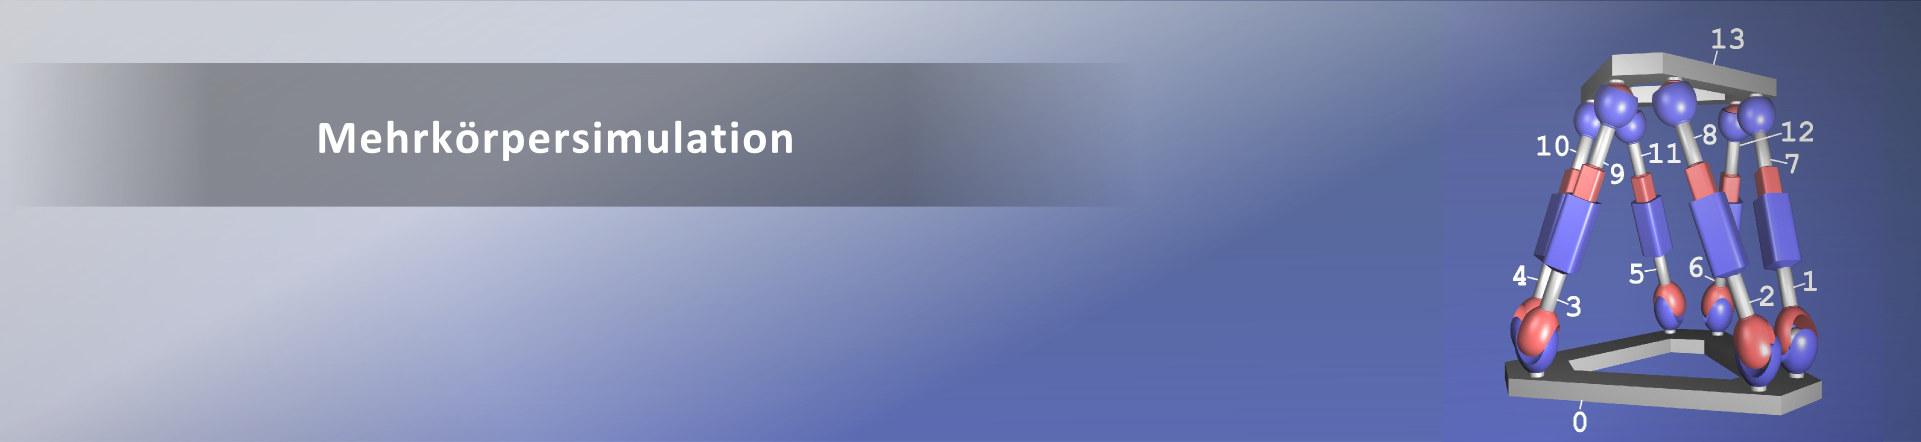 Banner: Mehrkörpersimulation - Parallele Roboter